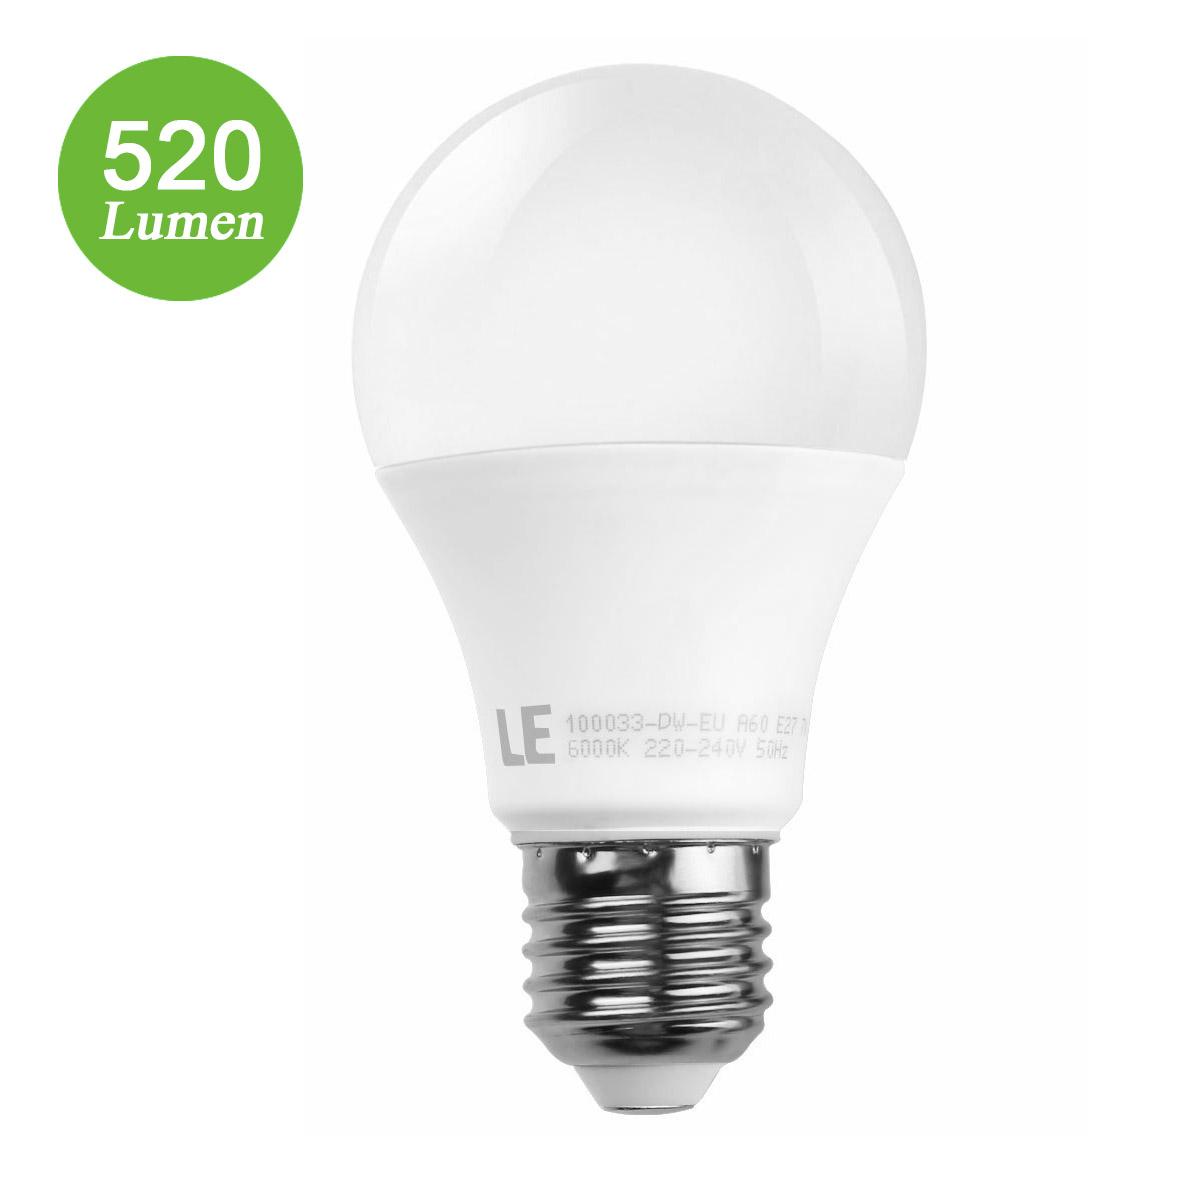 7W E27 A60 LED Birnen, 520lm Lampe, Strahler Licht, ersetzt 40W Glühlampe, Kaltweiß